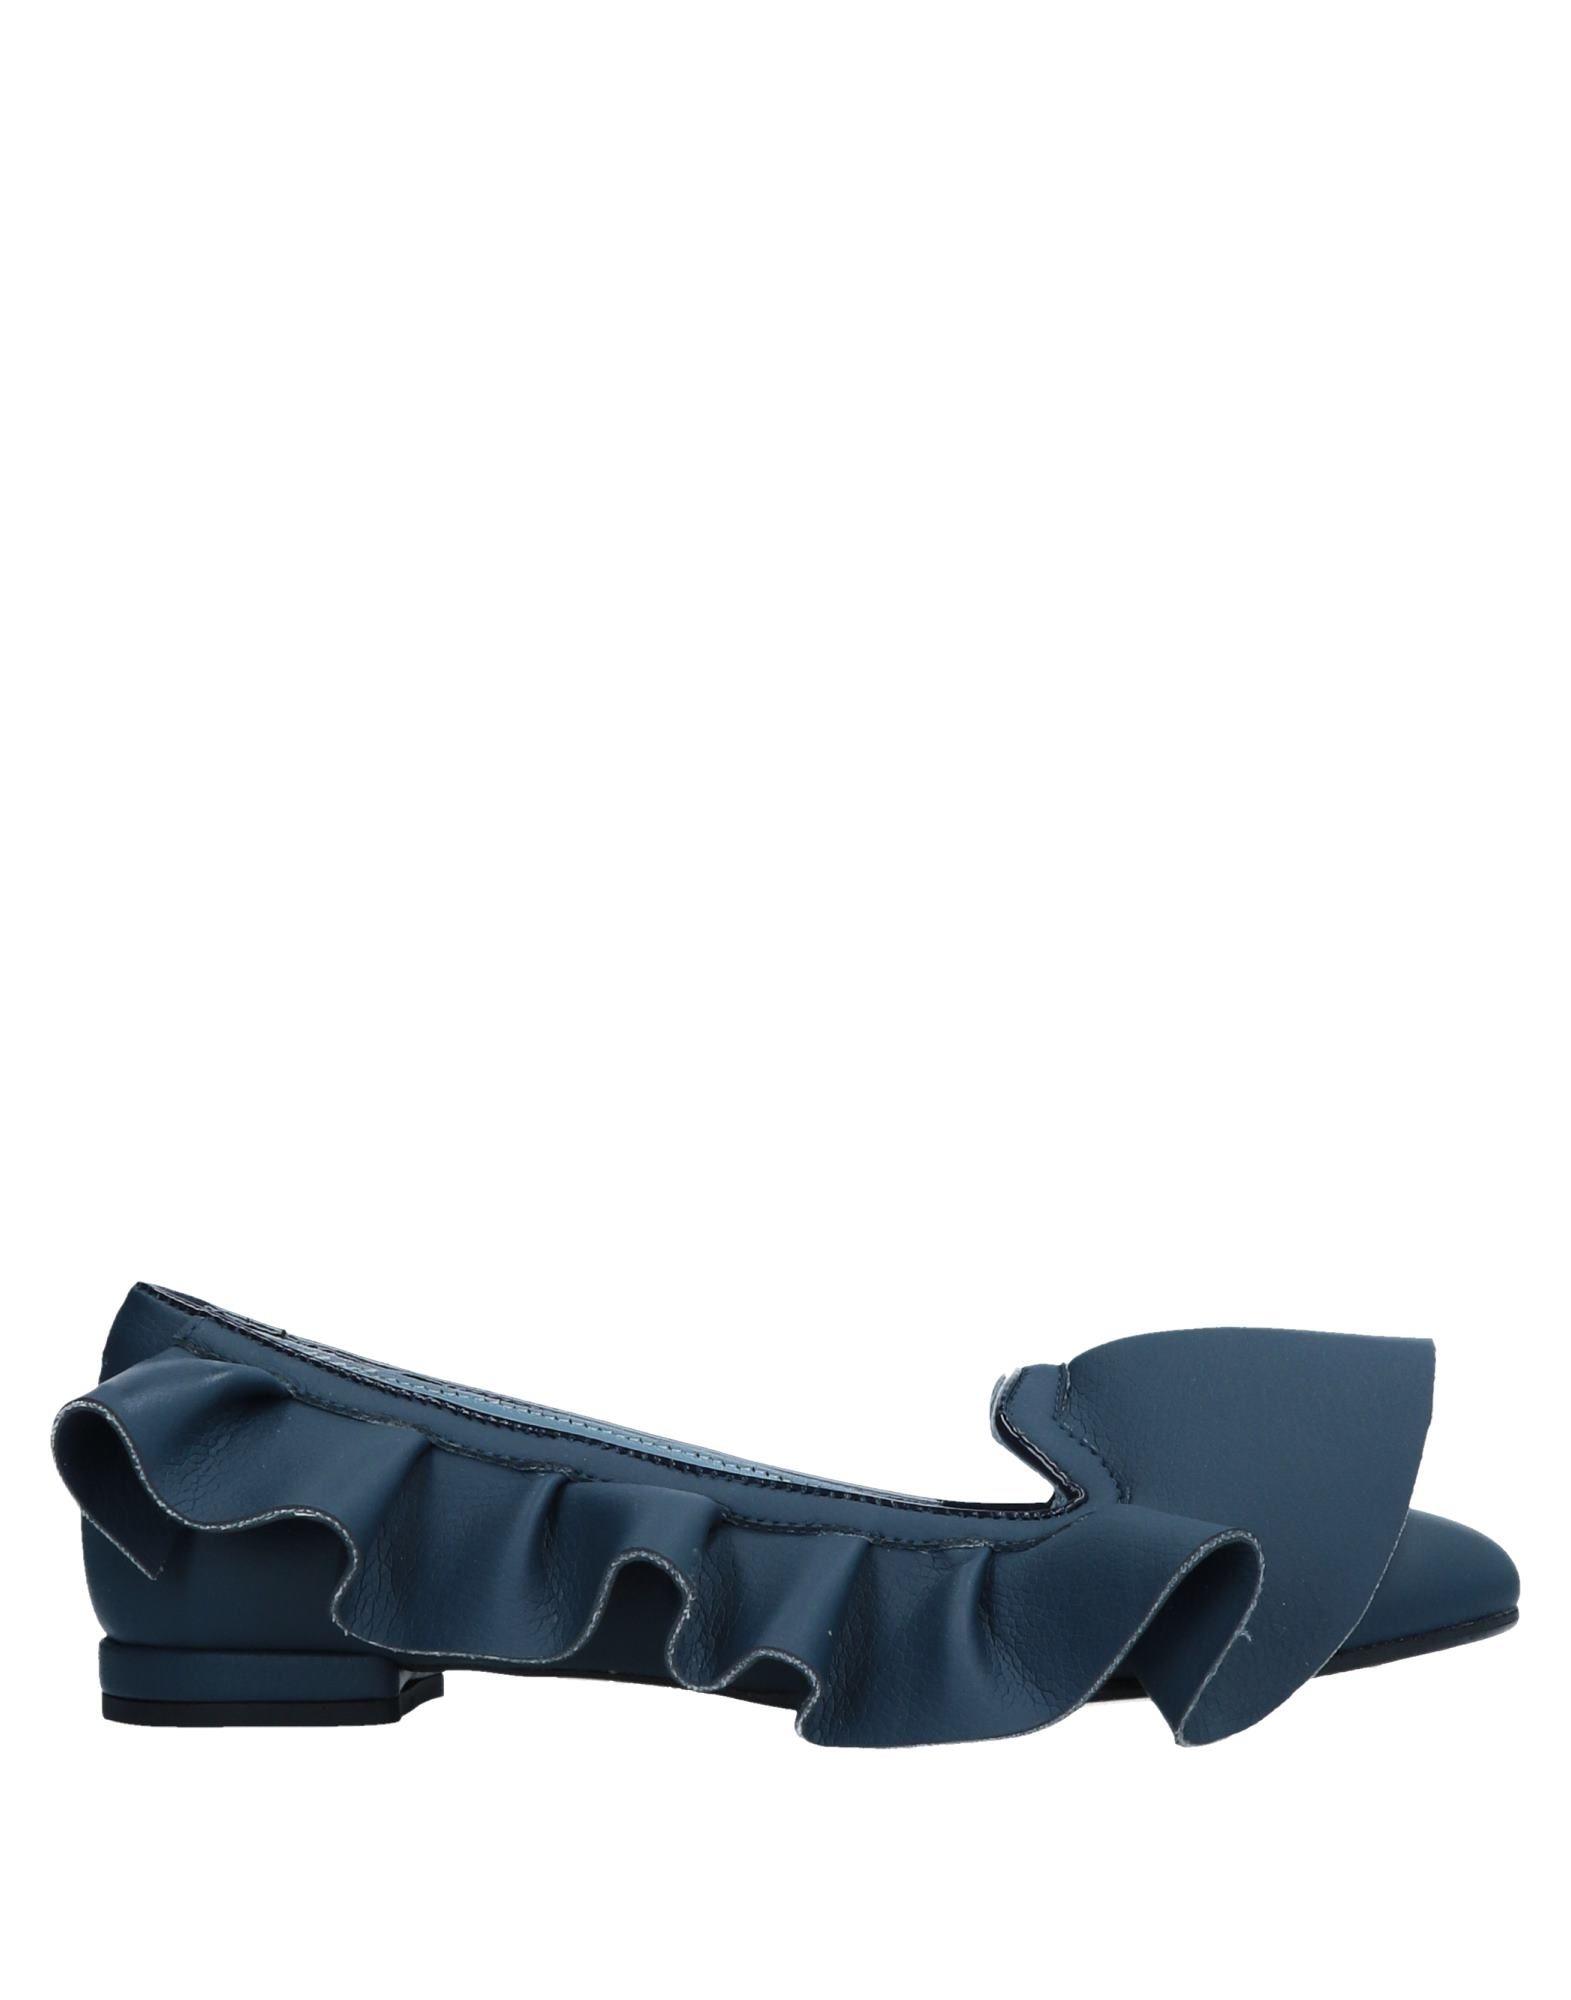 Chiara Ferragni Loafers - Women Chiara Ferragni Loafers - online on  Australia - Loafers 11550040EI f20d34